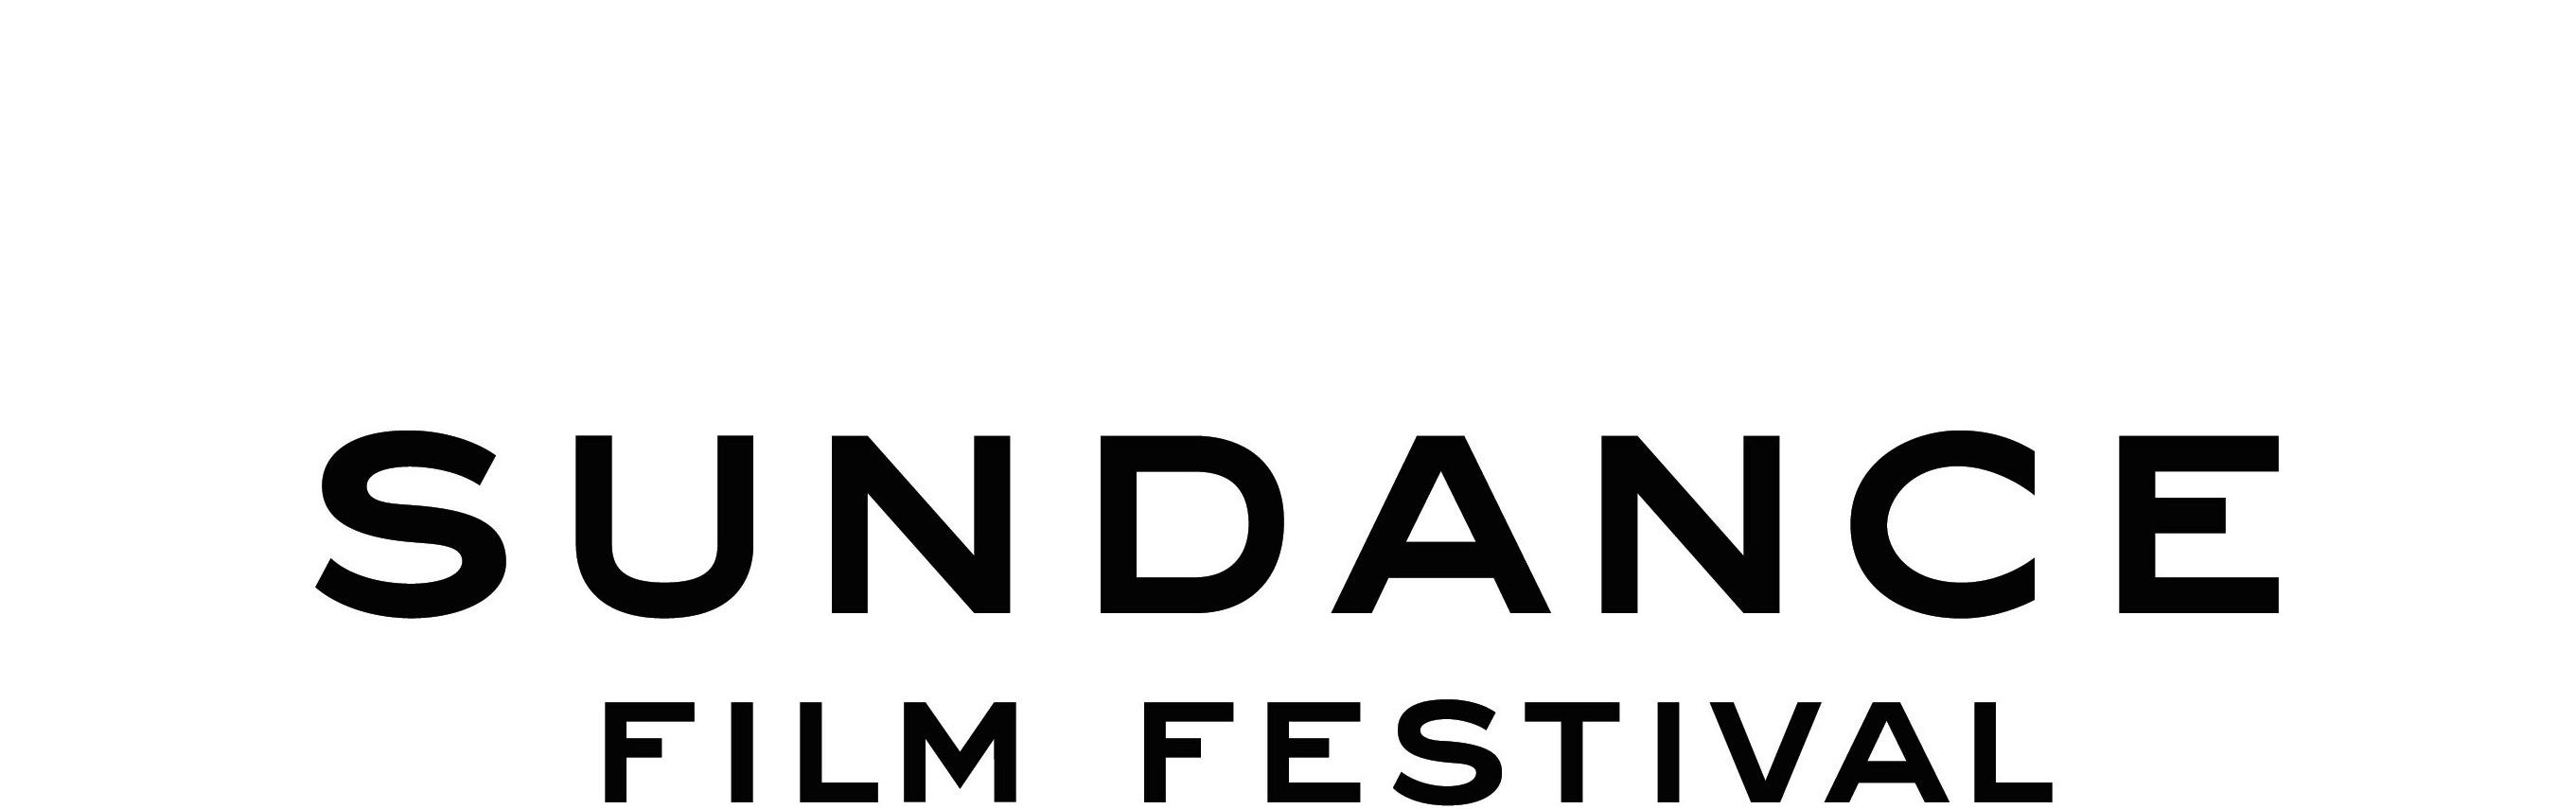 11-sundance-logo